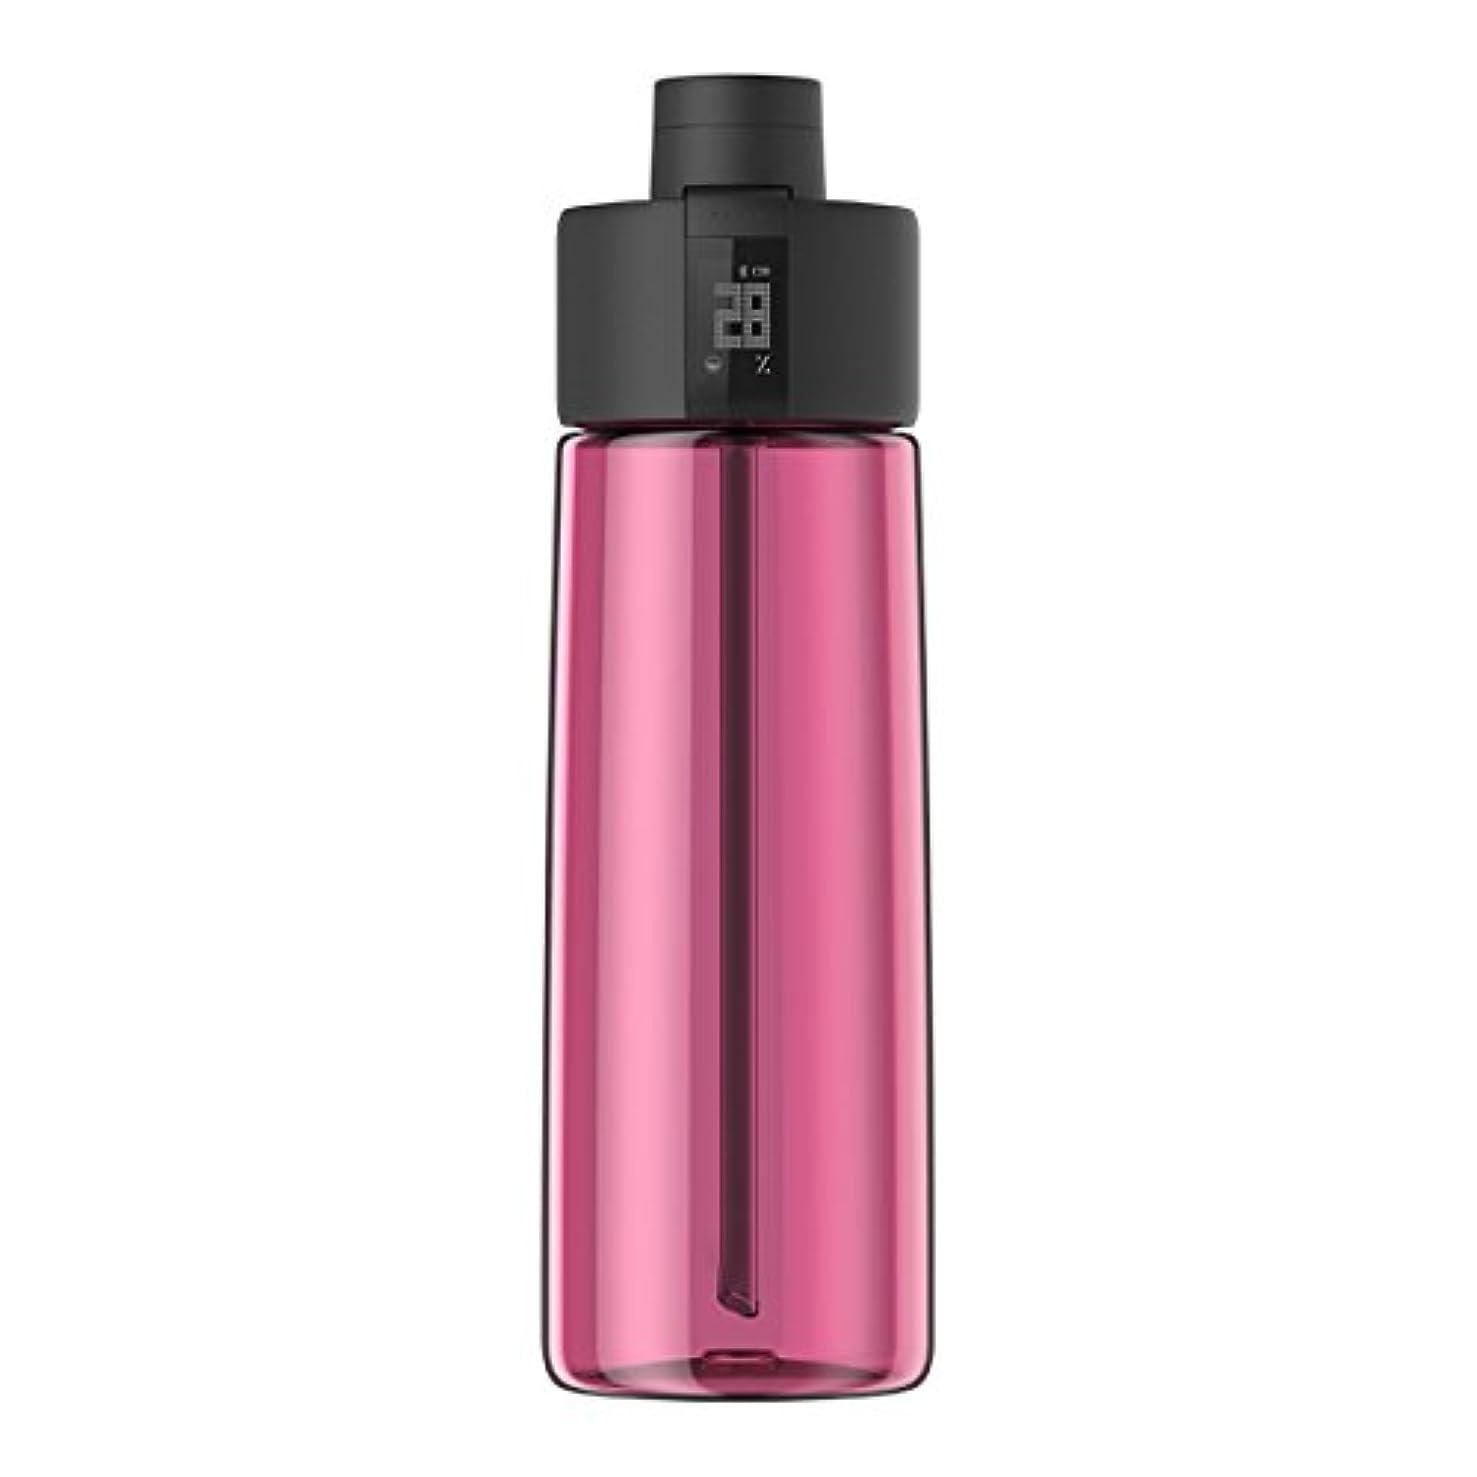 冷える著作権抜け目のないTechcomm bocombiスマートウォーターボトルZephair Hydrationトラッキング、アラームスマートストローテクノロジーと水和のホットとコールドnon-carbonated Drinks